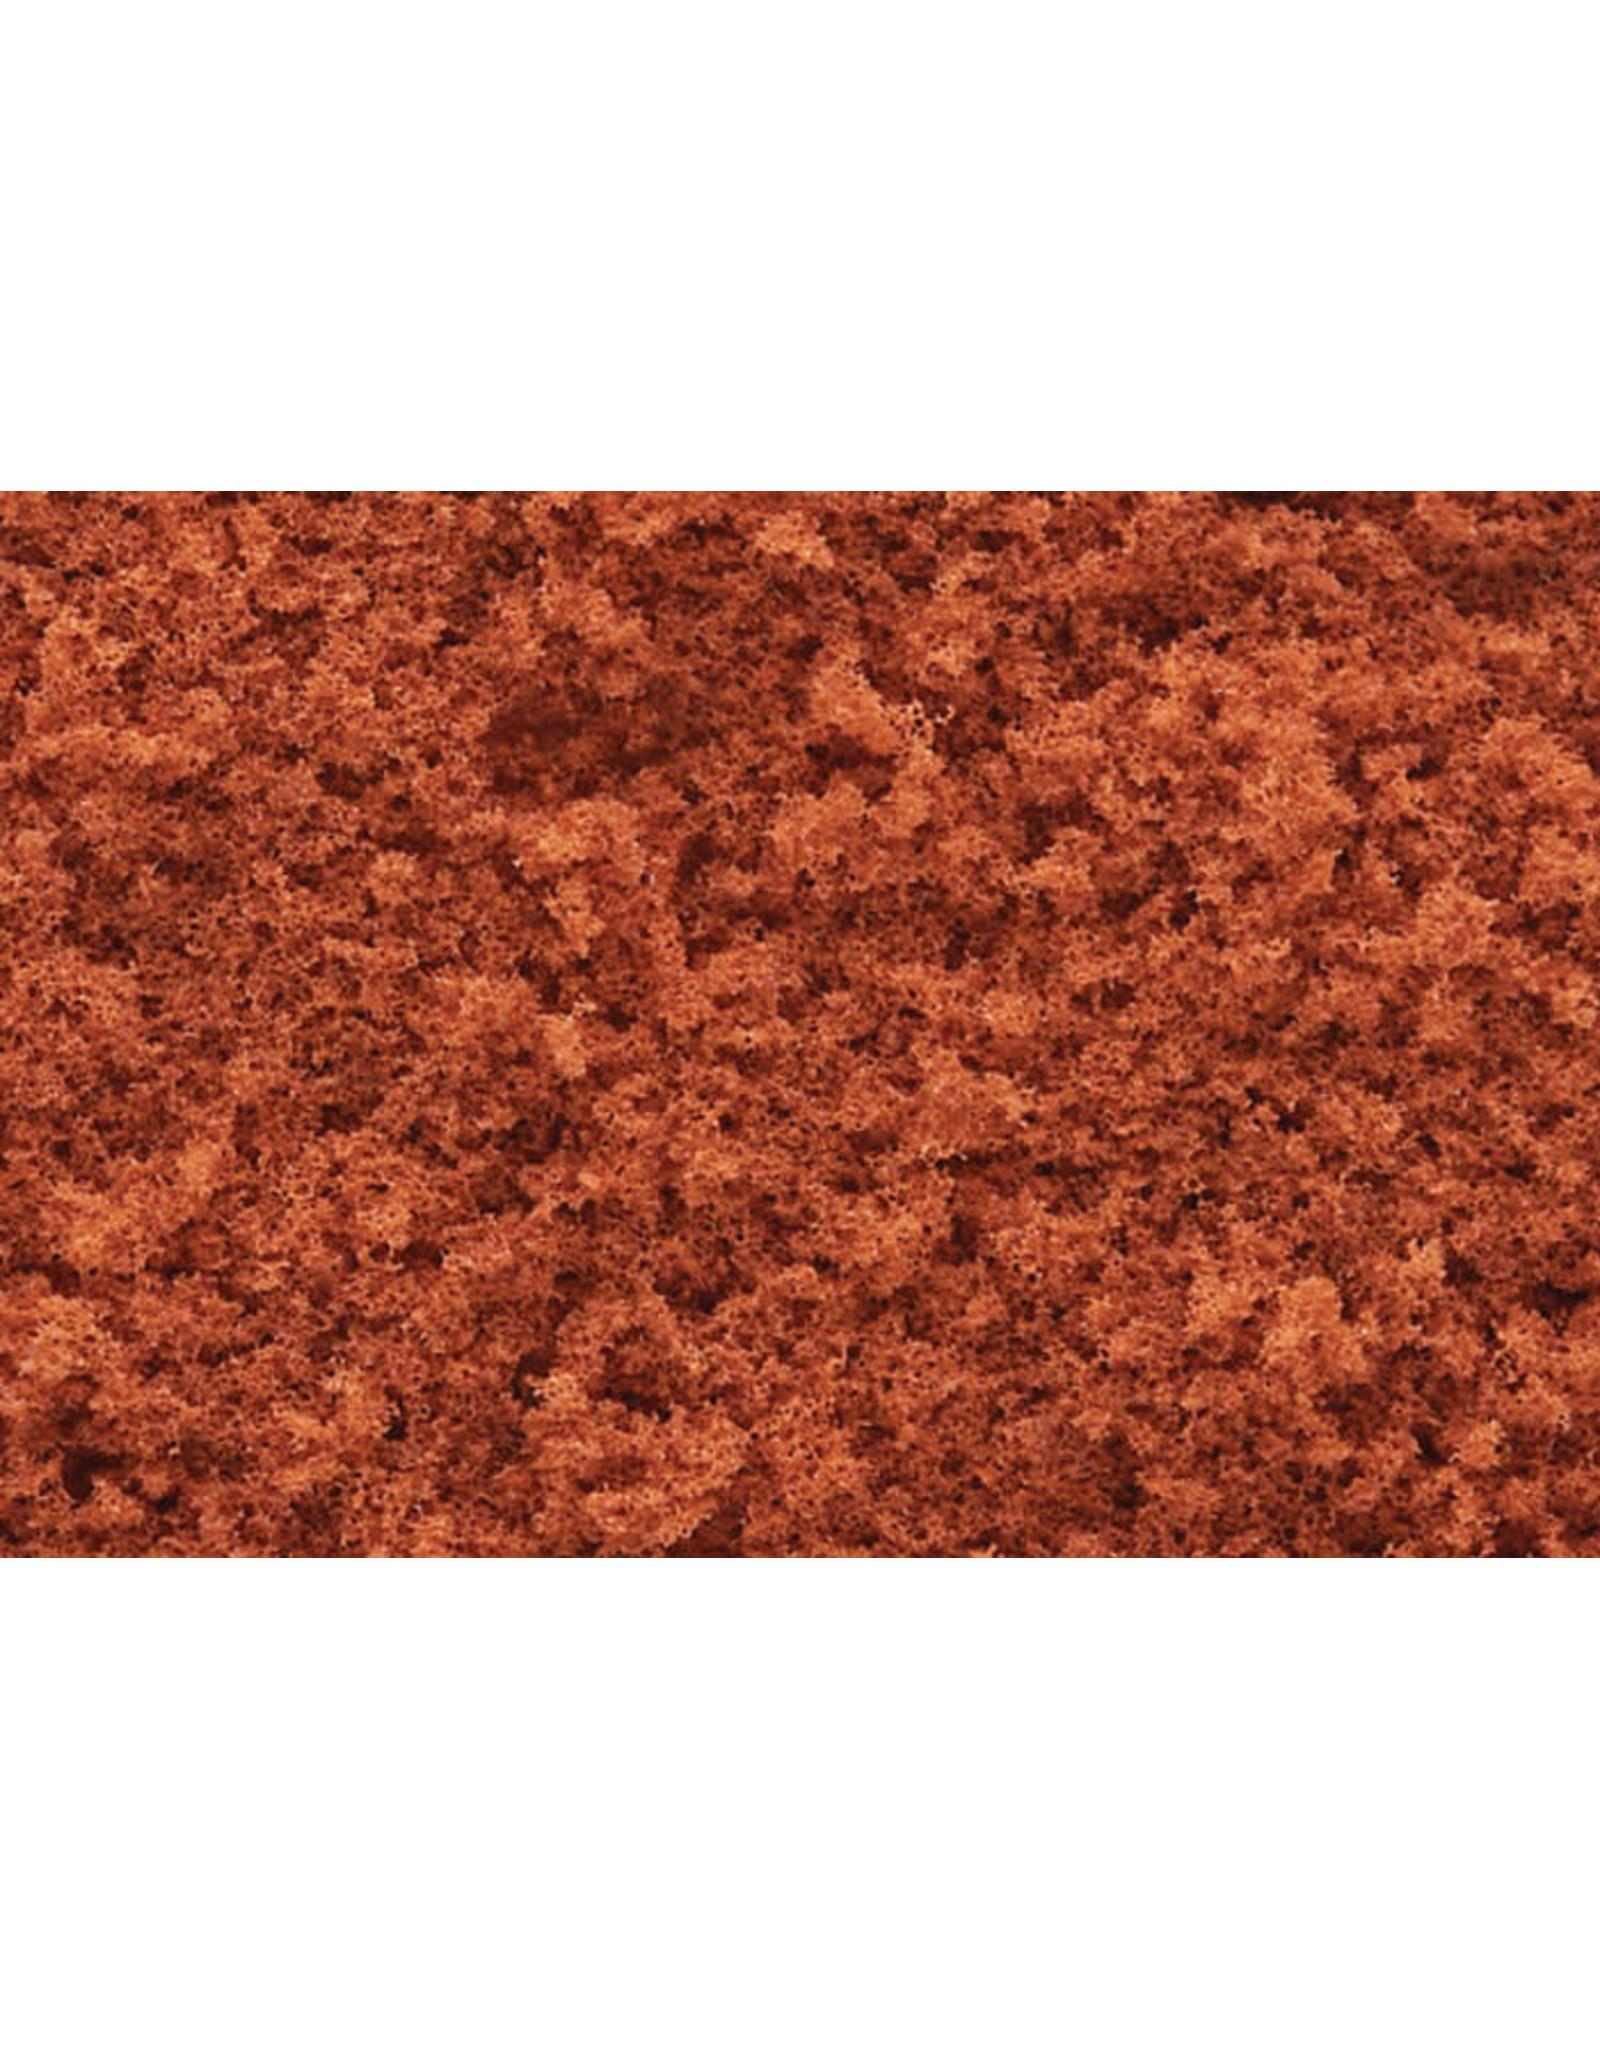 Woodland Scenics Coarse Turf Fall Rust T1356